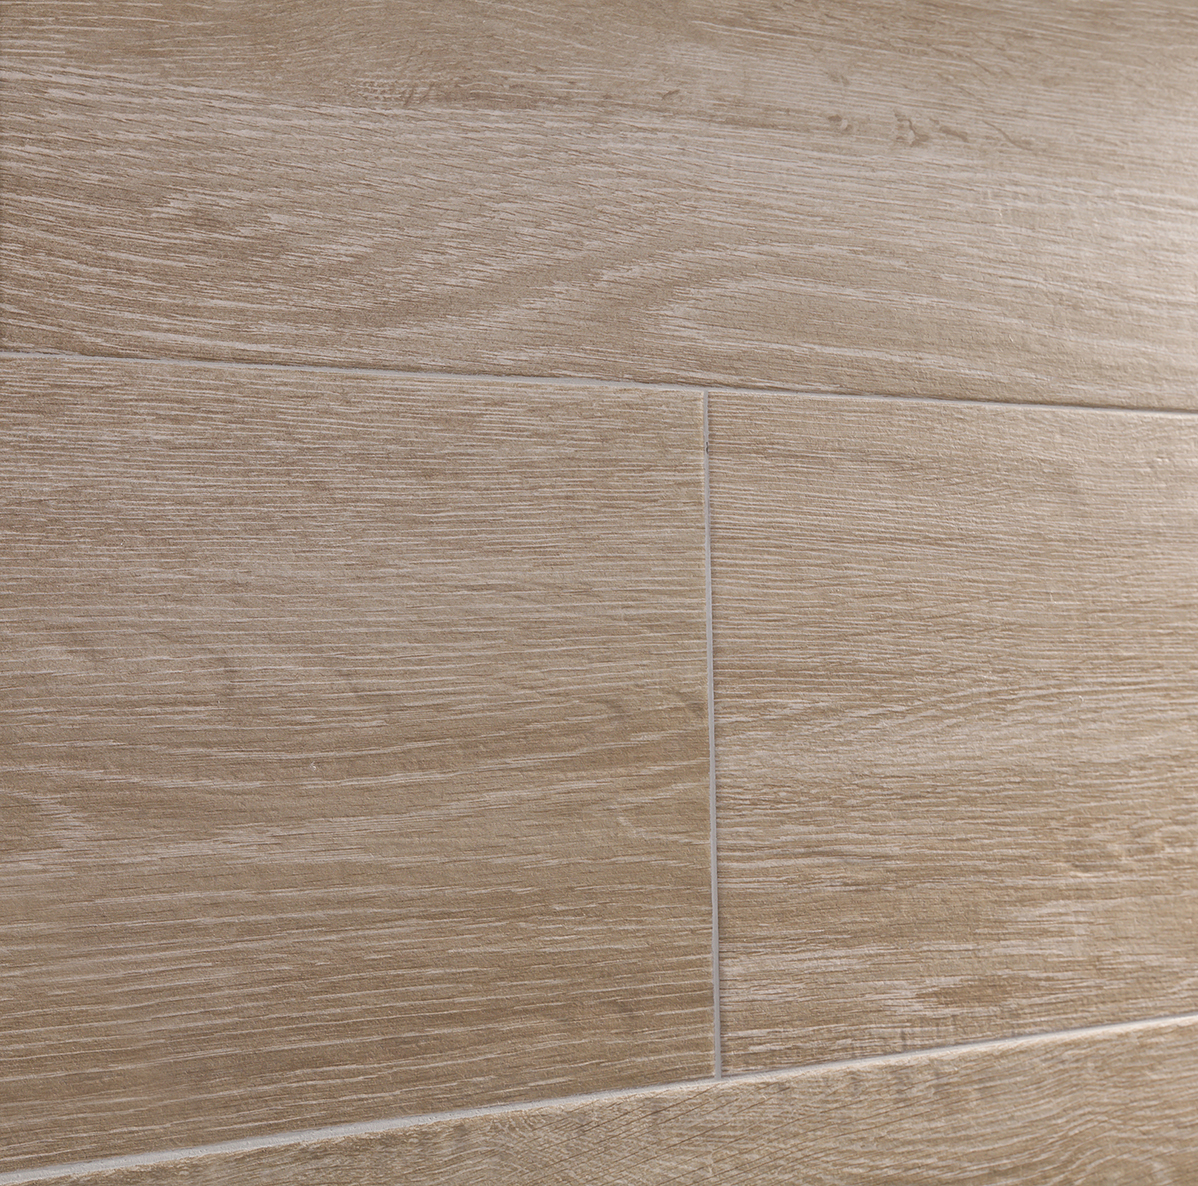 Mawi 25 x 100